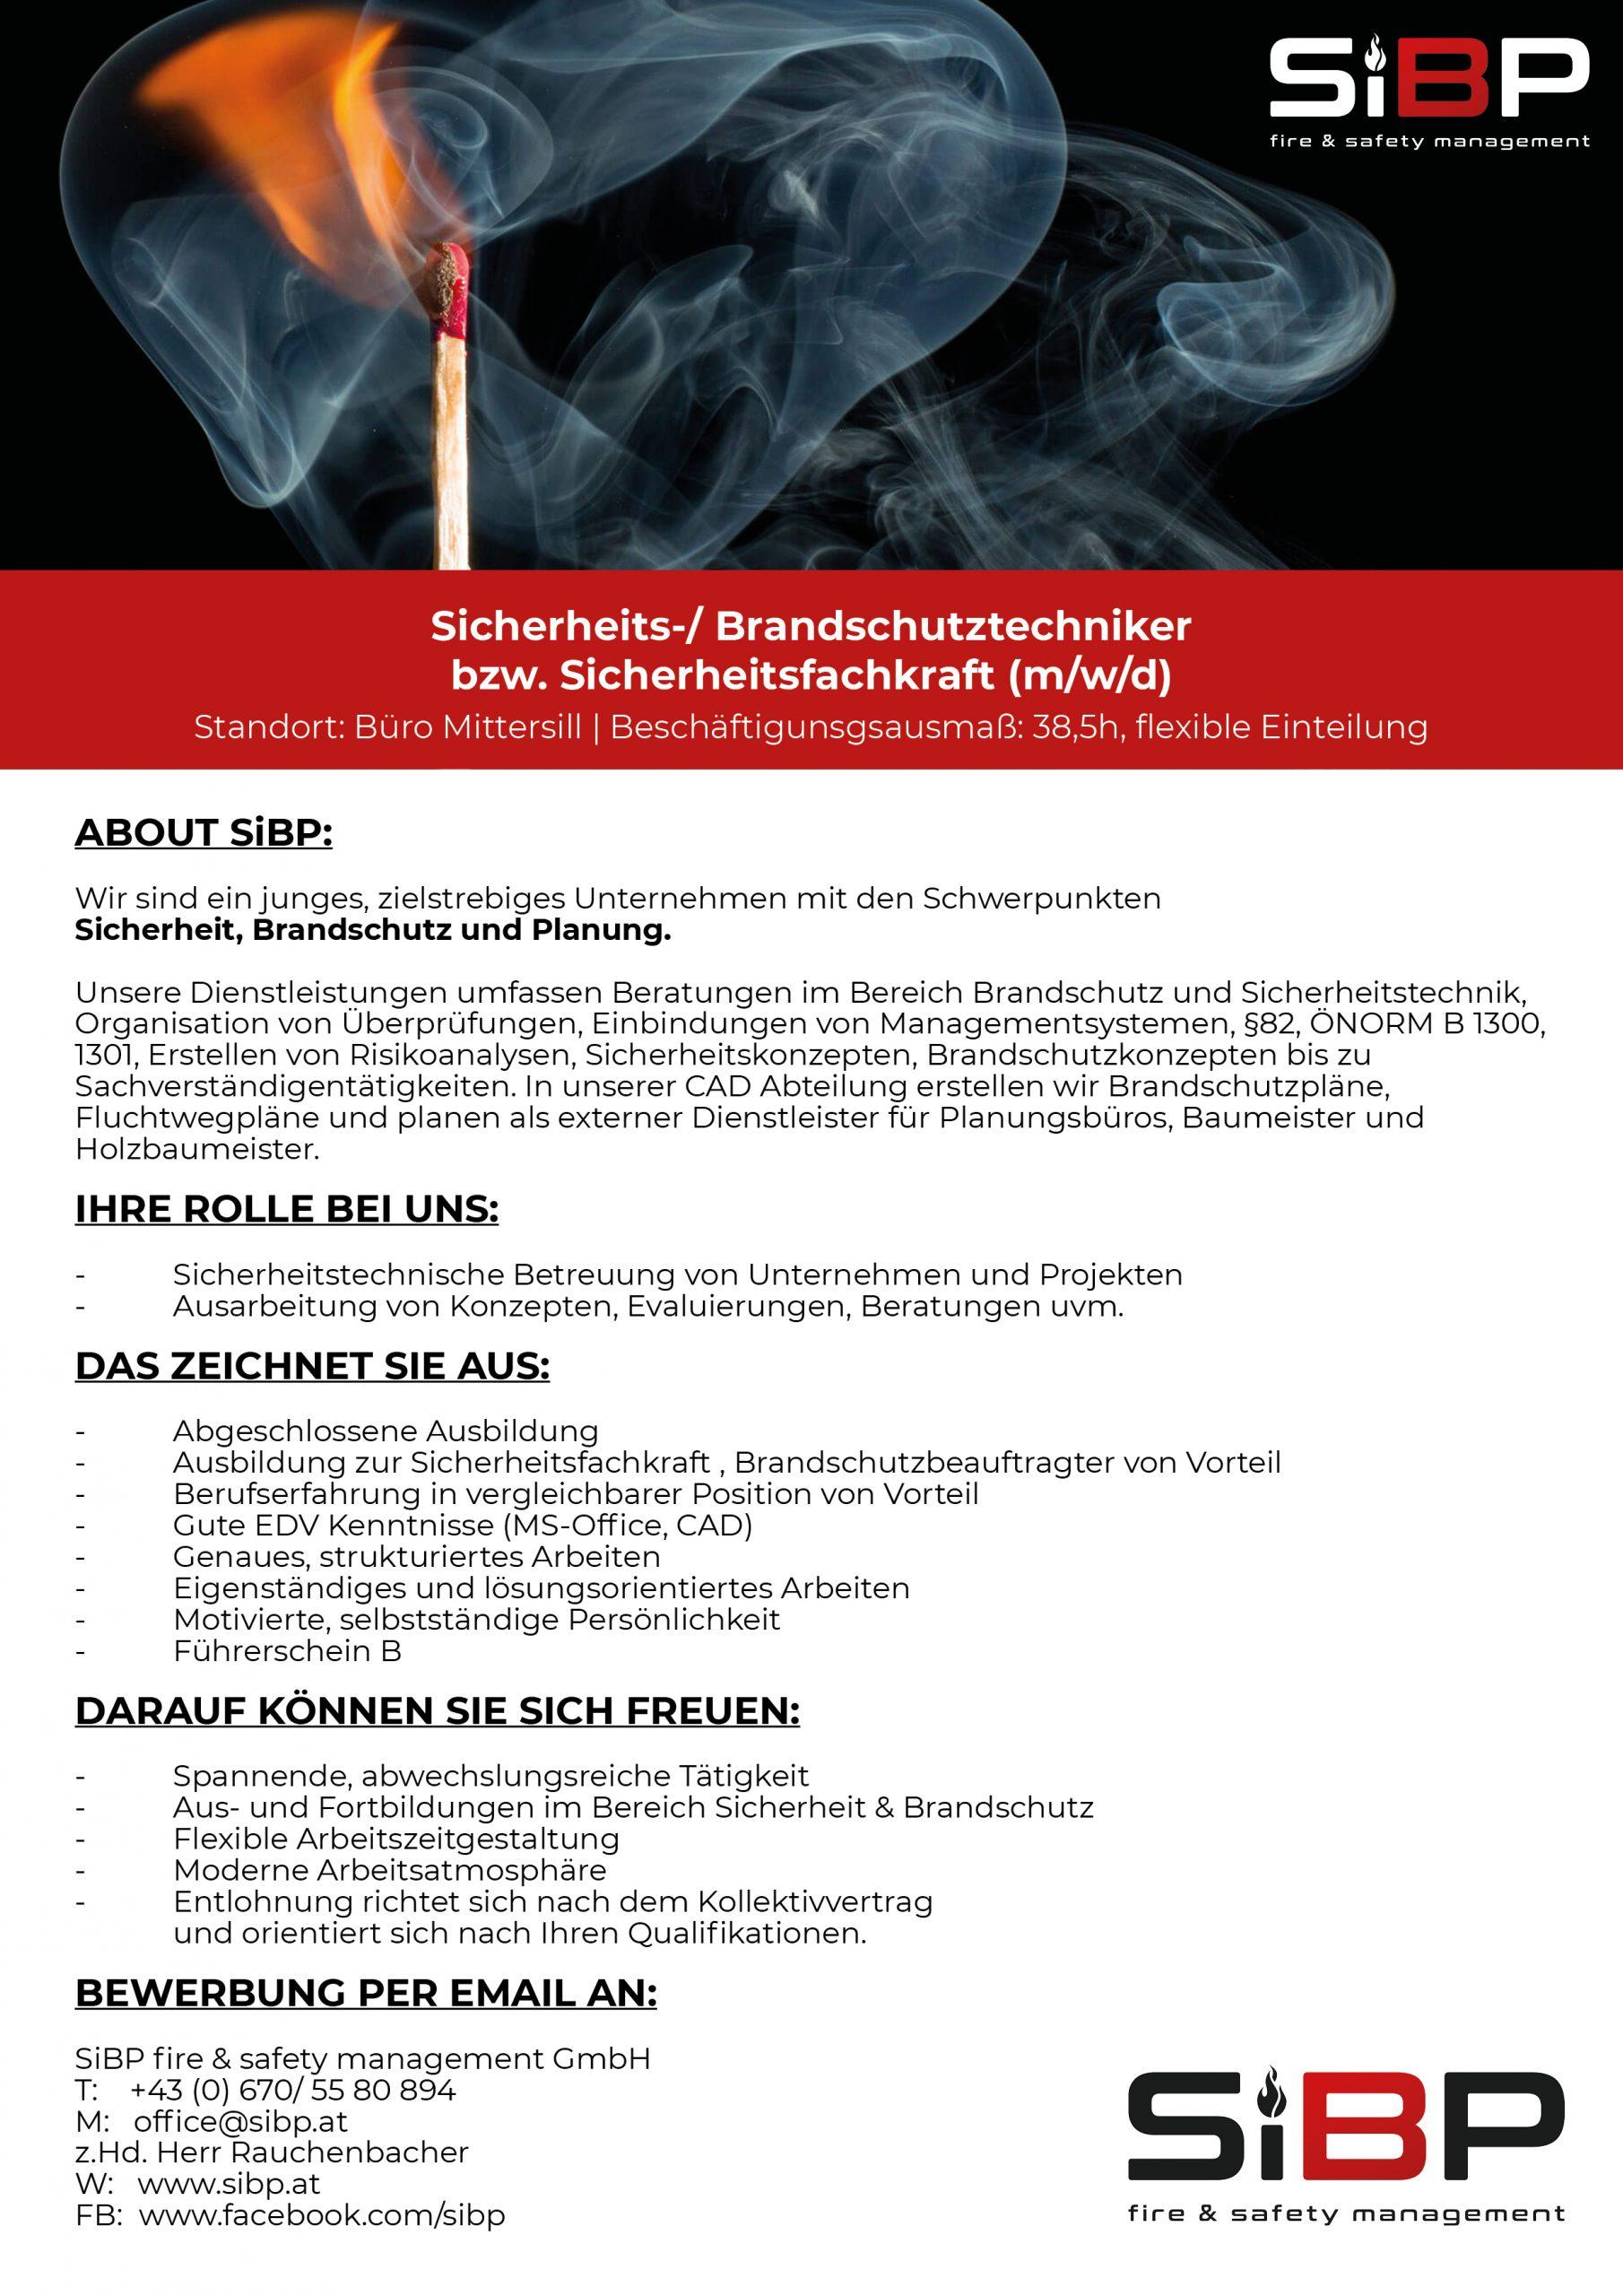 Sicherheits-/ Brandschutztechniker  bzw. Sicherheitsfachkraft (m/w/d)